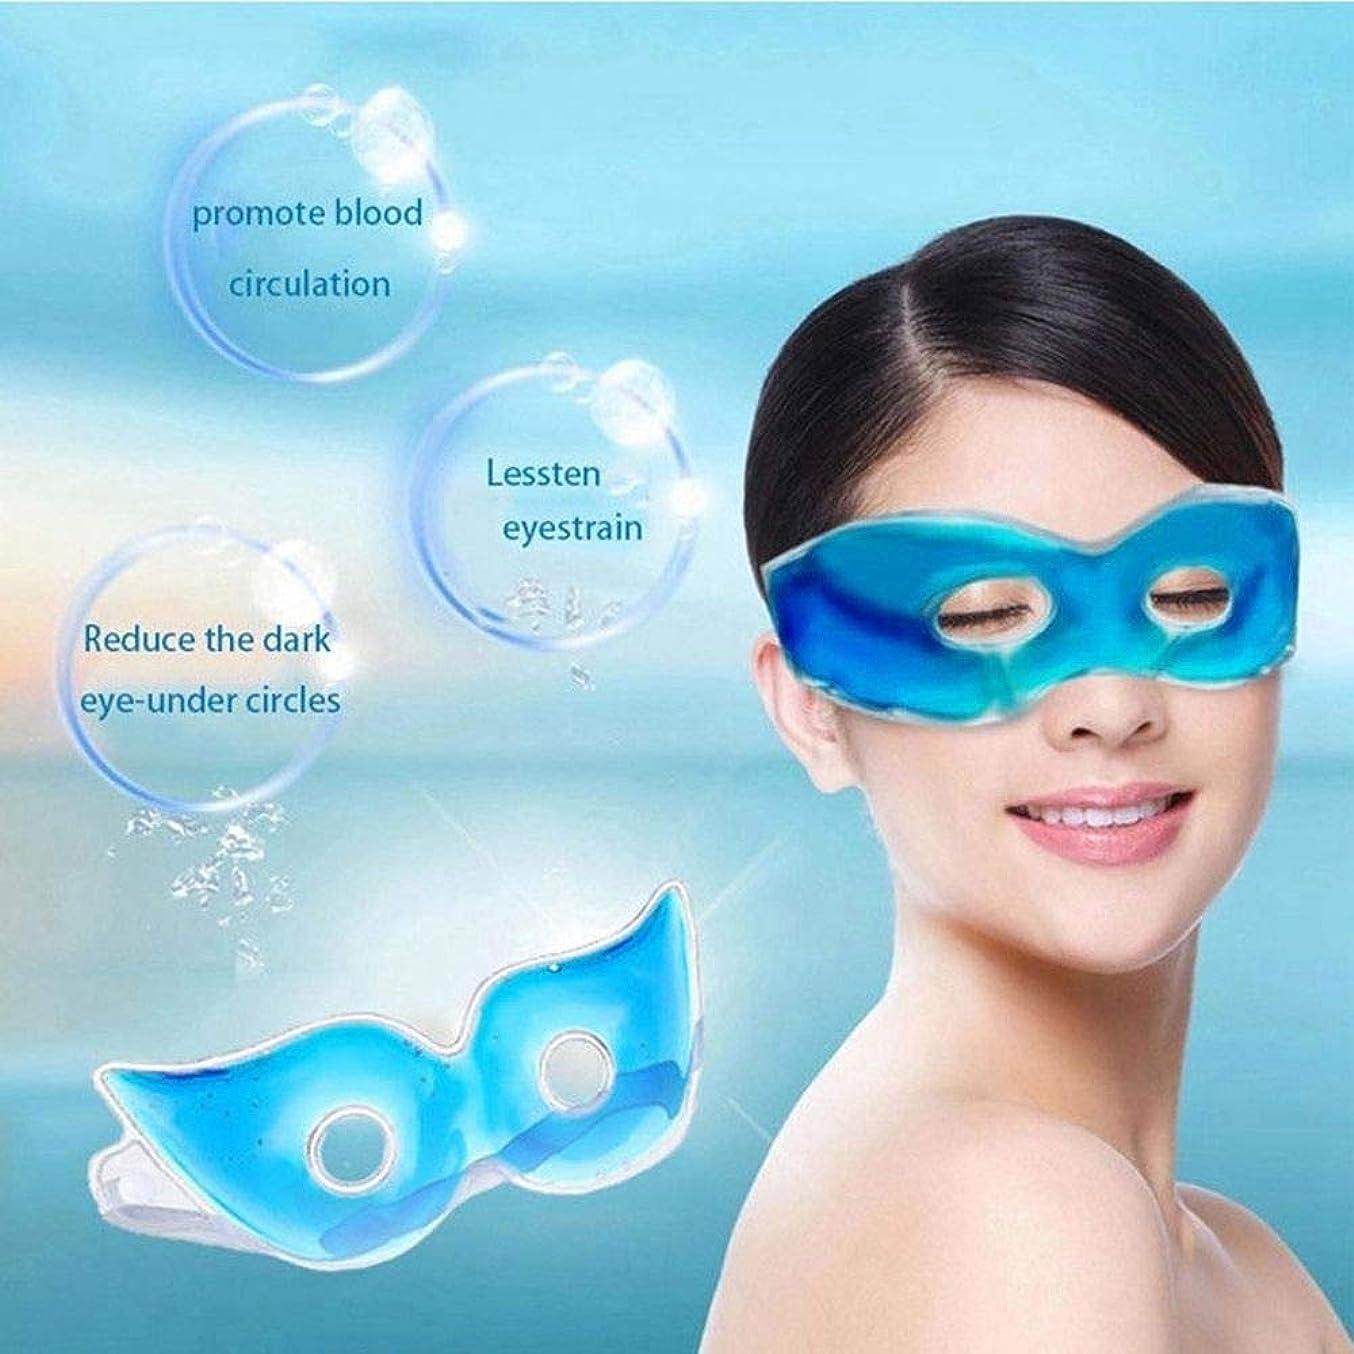 気分バリー休憩するNOTE アイスアイジェルスリーピングアイマスク美容ダークサークルを軽減疲労を軽減アイストレイン1個アイジェルパッチマスク